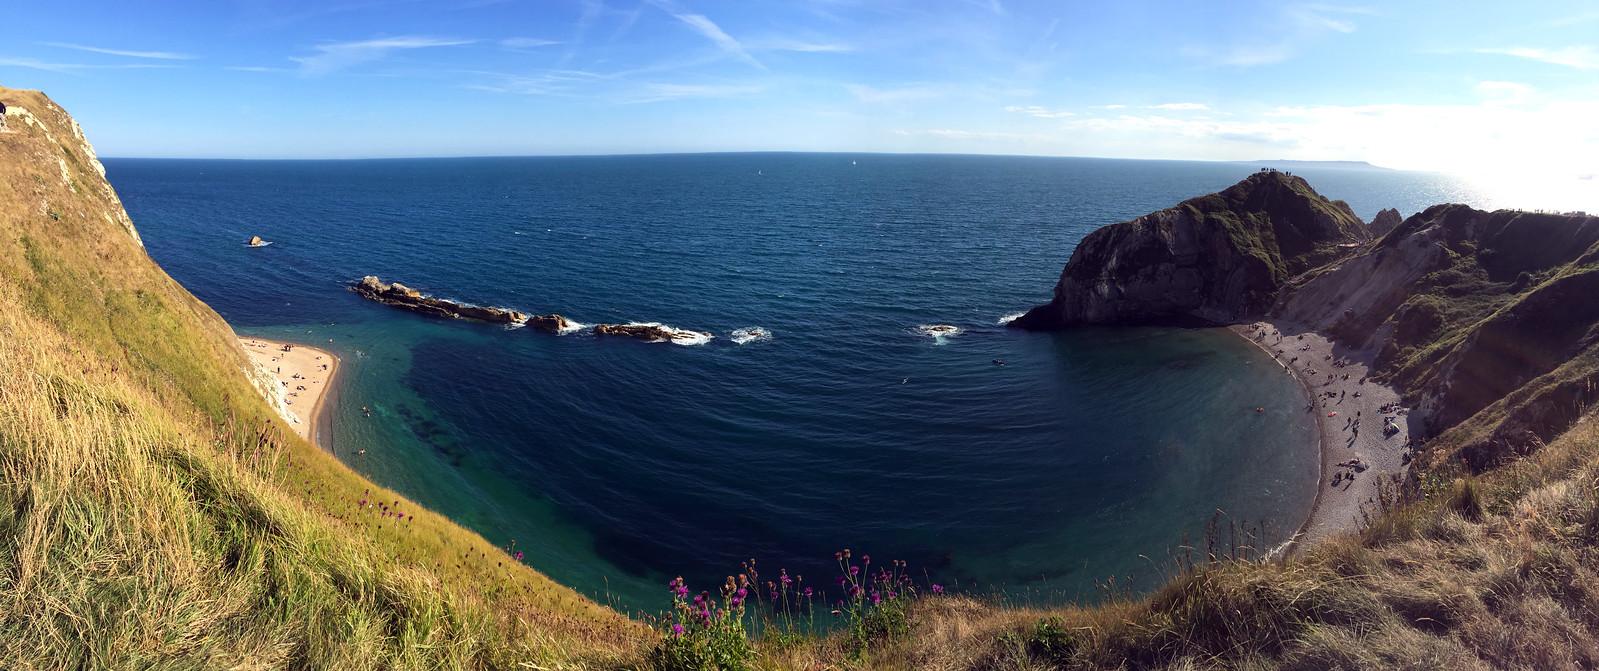 Costa Jurásica de Inglaterra - Thewotme costa jurásica - 50062184687 80782dc759 h - Costa Jurásica de Inglaterra, un viaje de millones de años